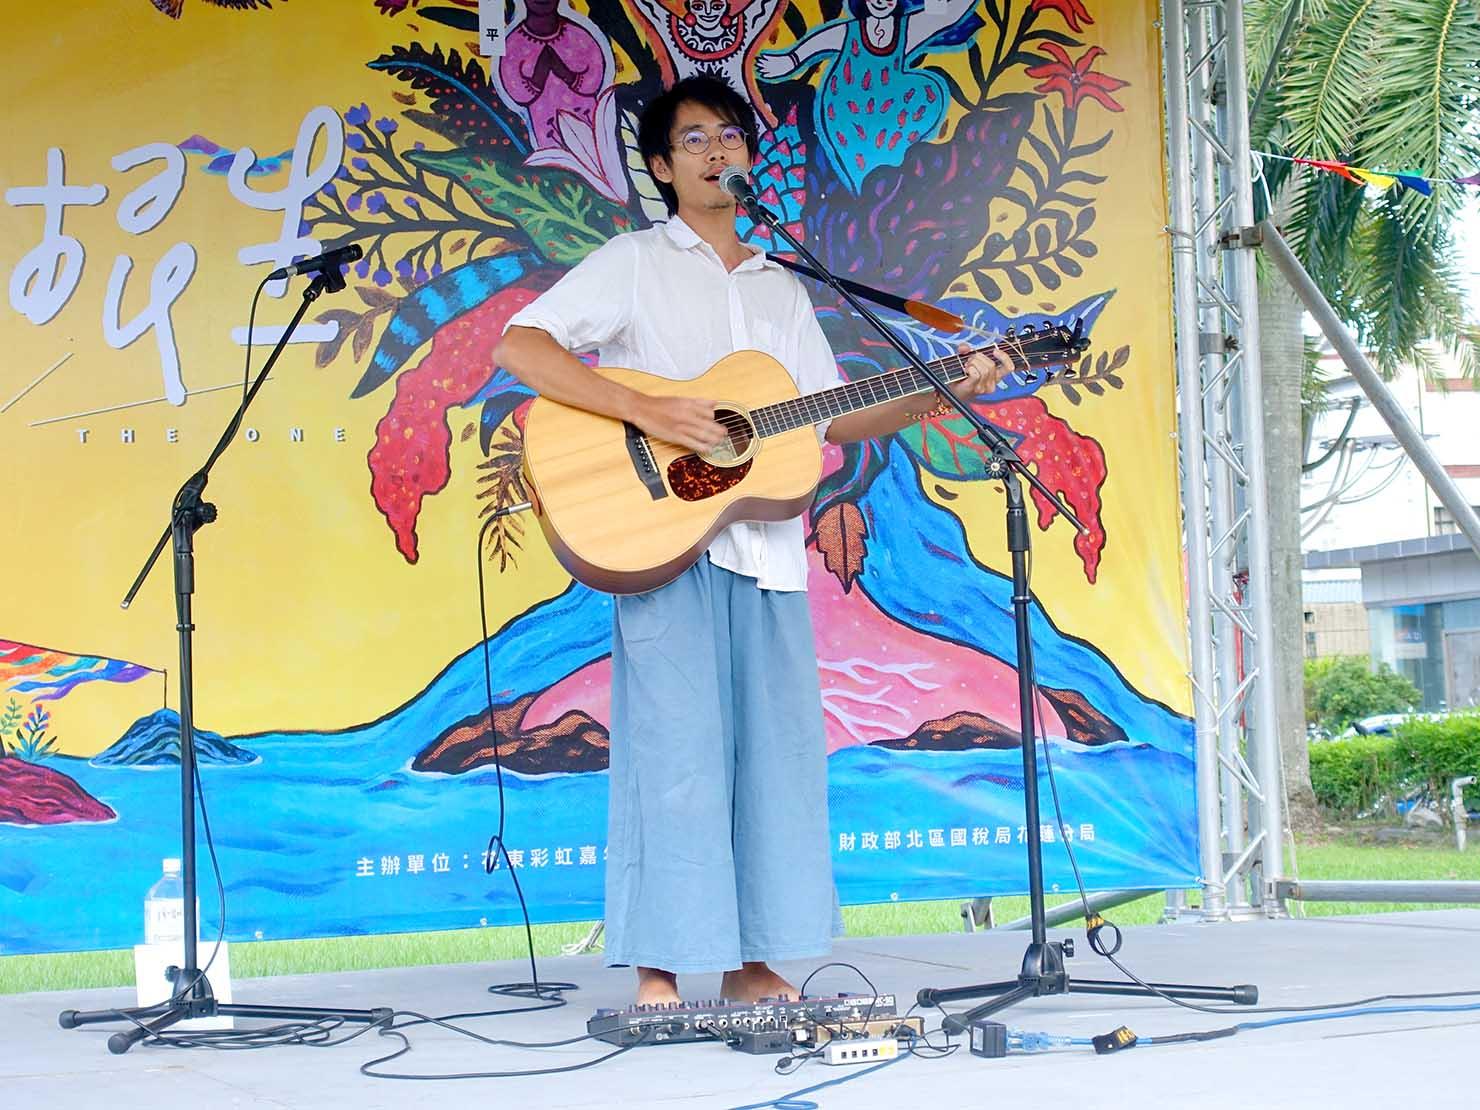 花東彩虹嘉年華(台湾東部LGBTプライド)の会場ステージでライブを披露する吳青原さん